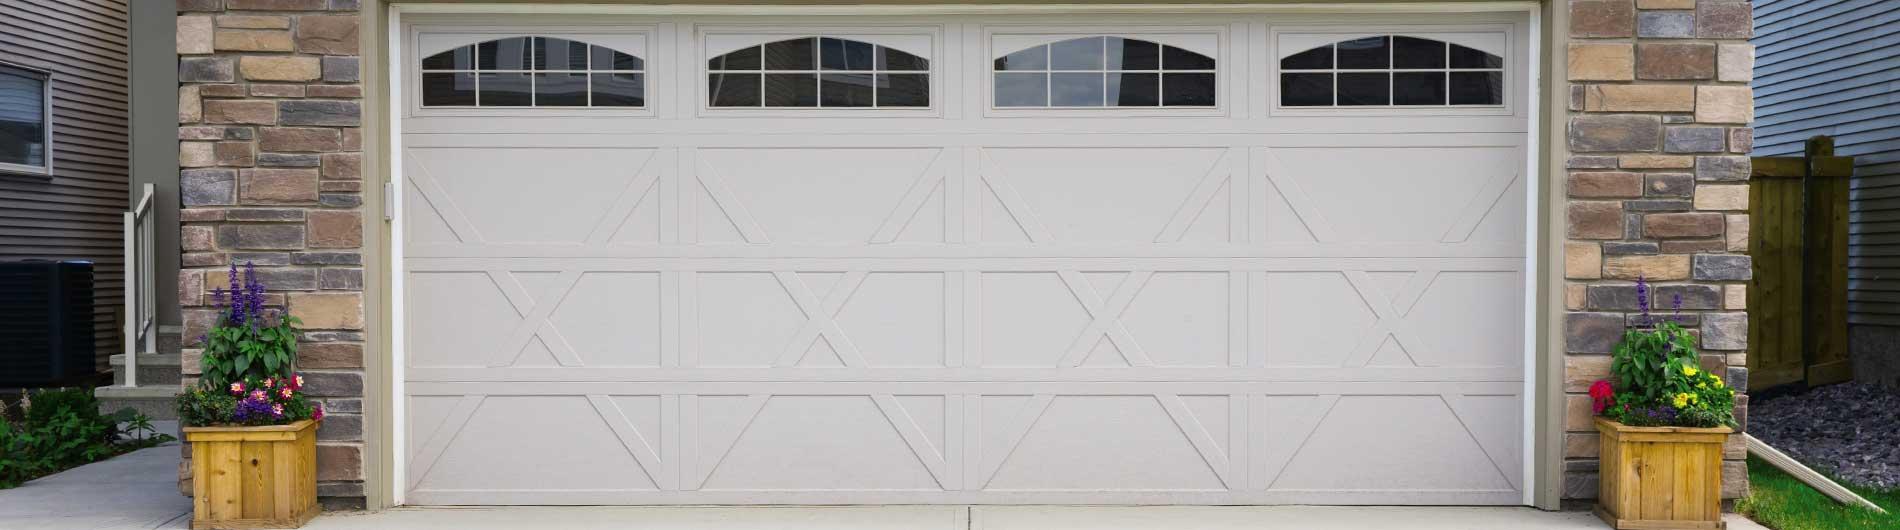 Carriage House Steel Garage Doors 9405